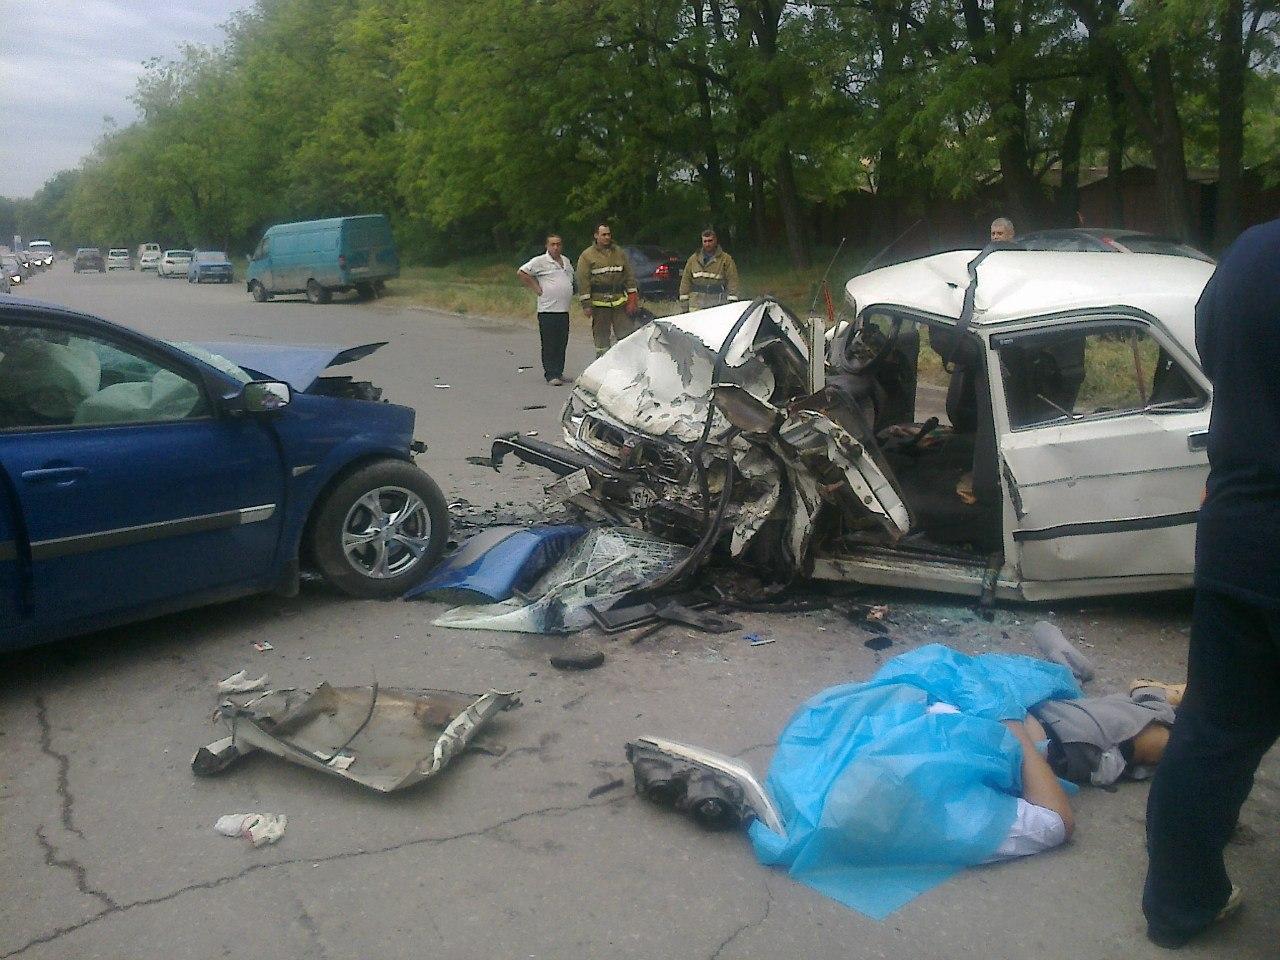 посмотреть аварии ярославль сегодня 04 сентября 2016 пропусти безумное видео